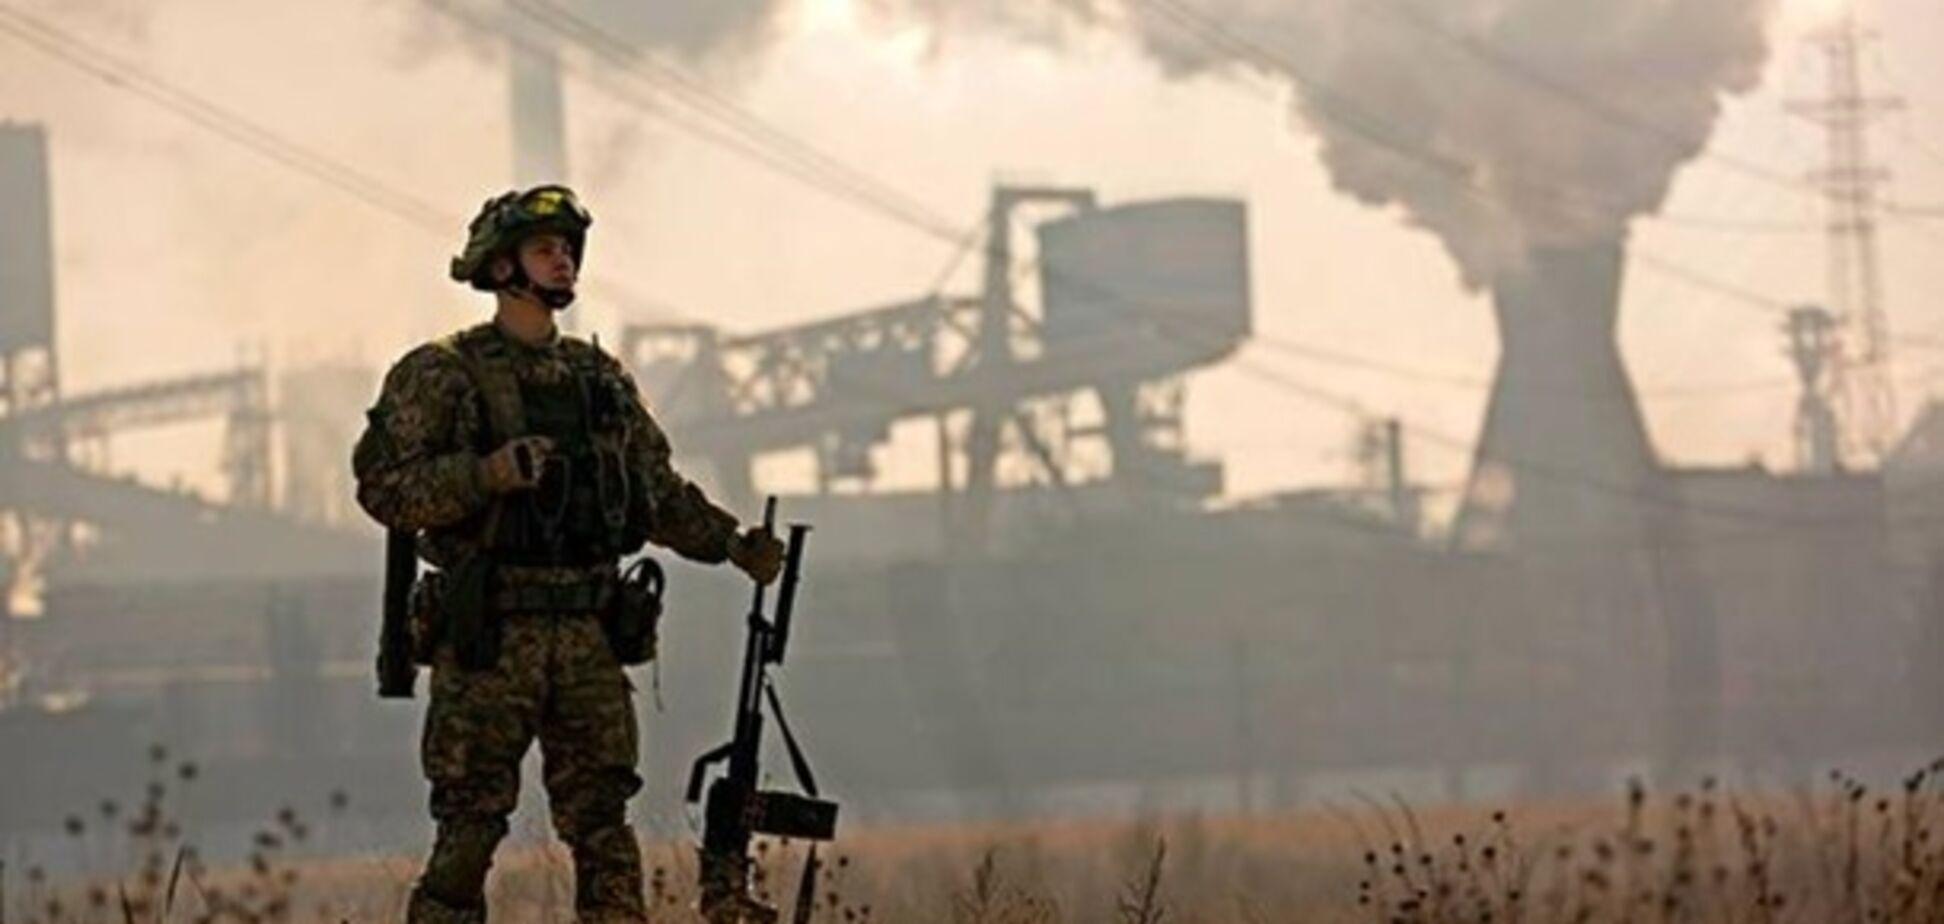 ЗСУ дали бій 'Л/ДНР': у терористів масштабні втрати